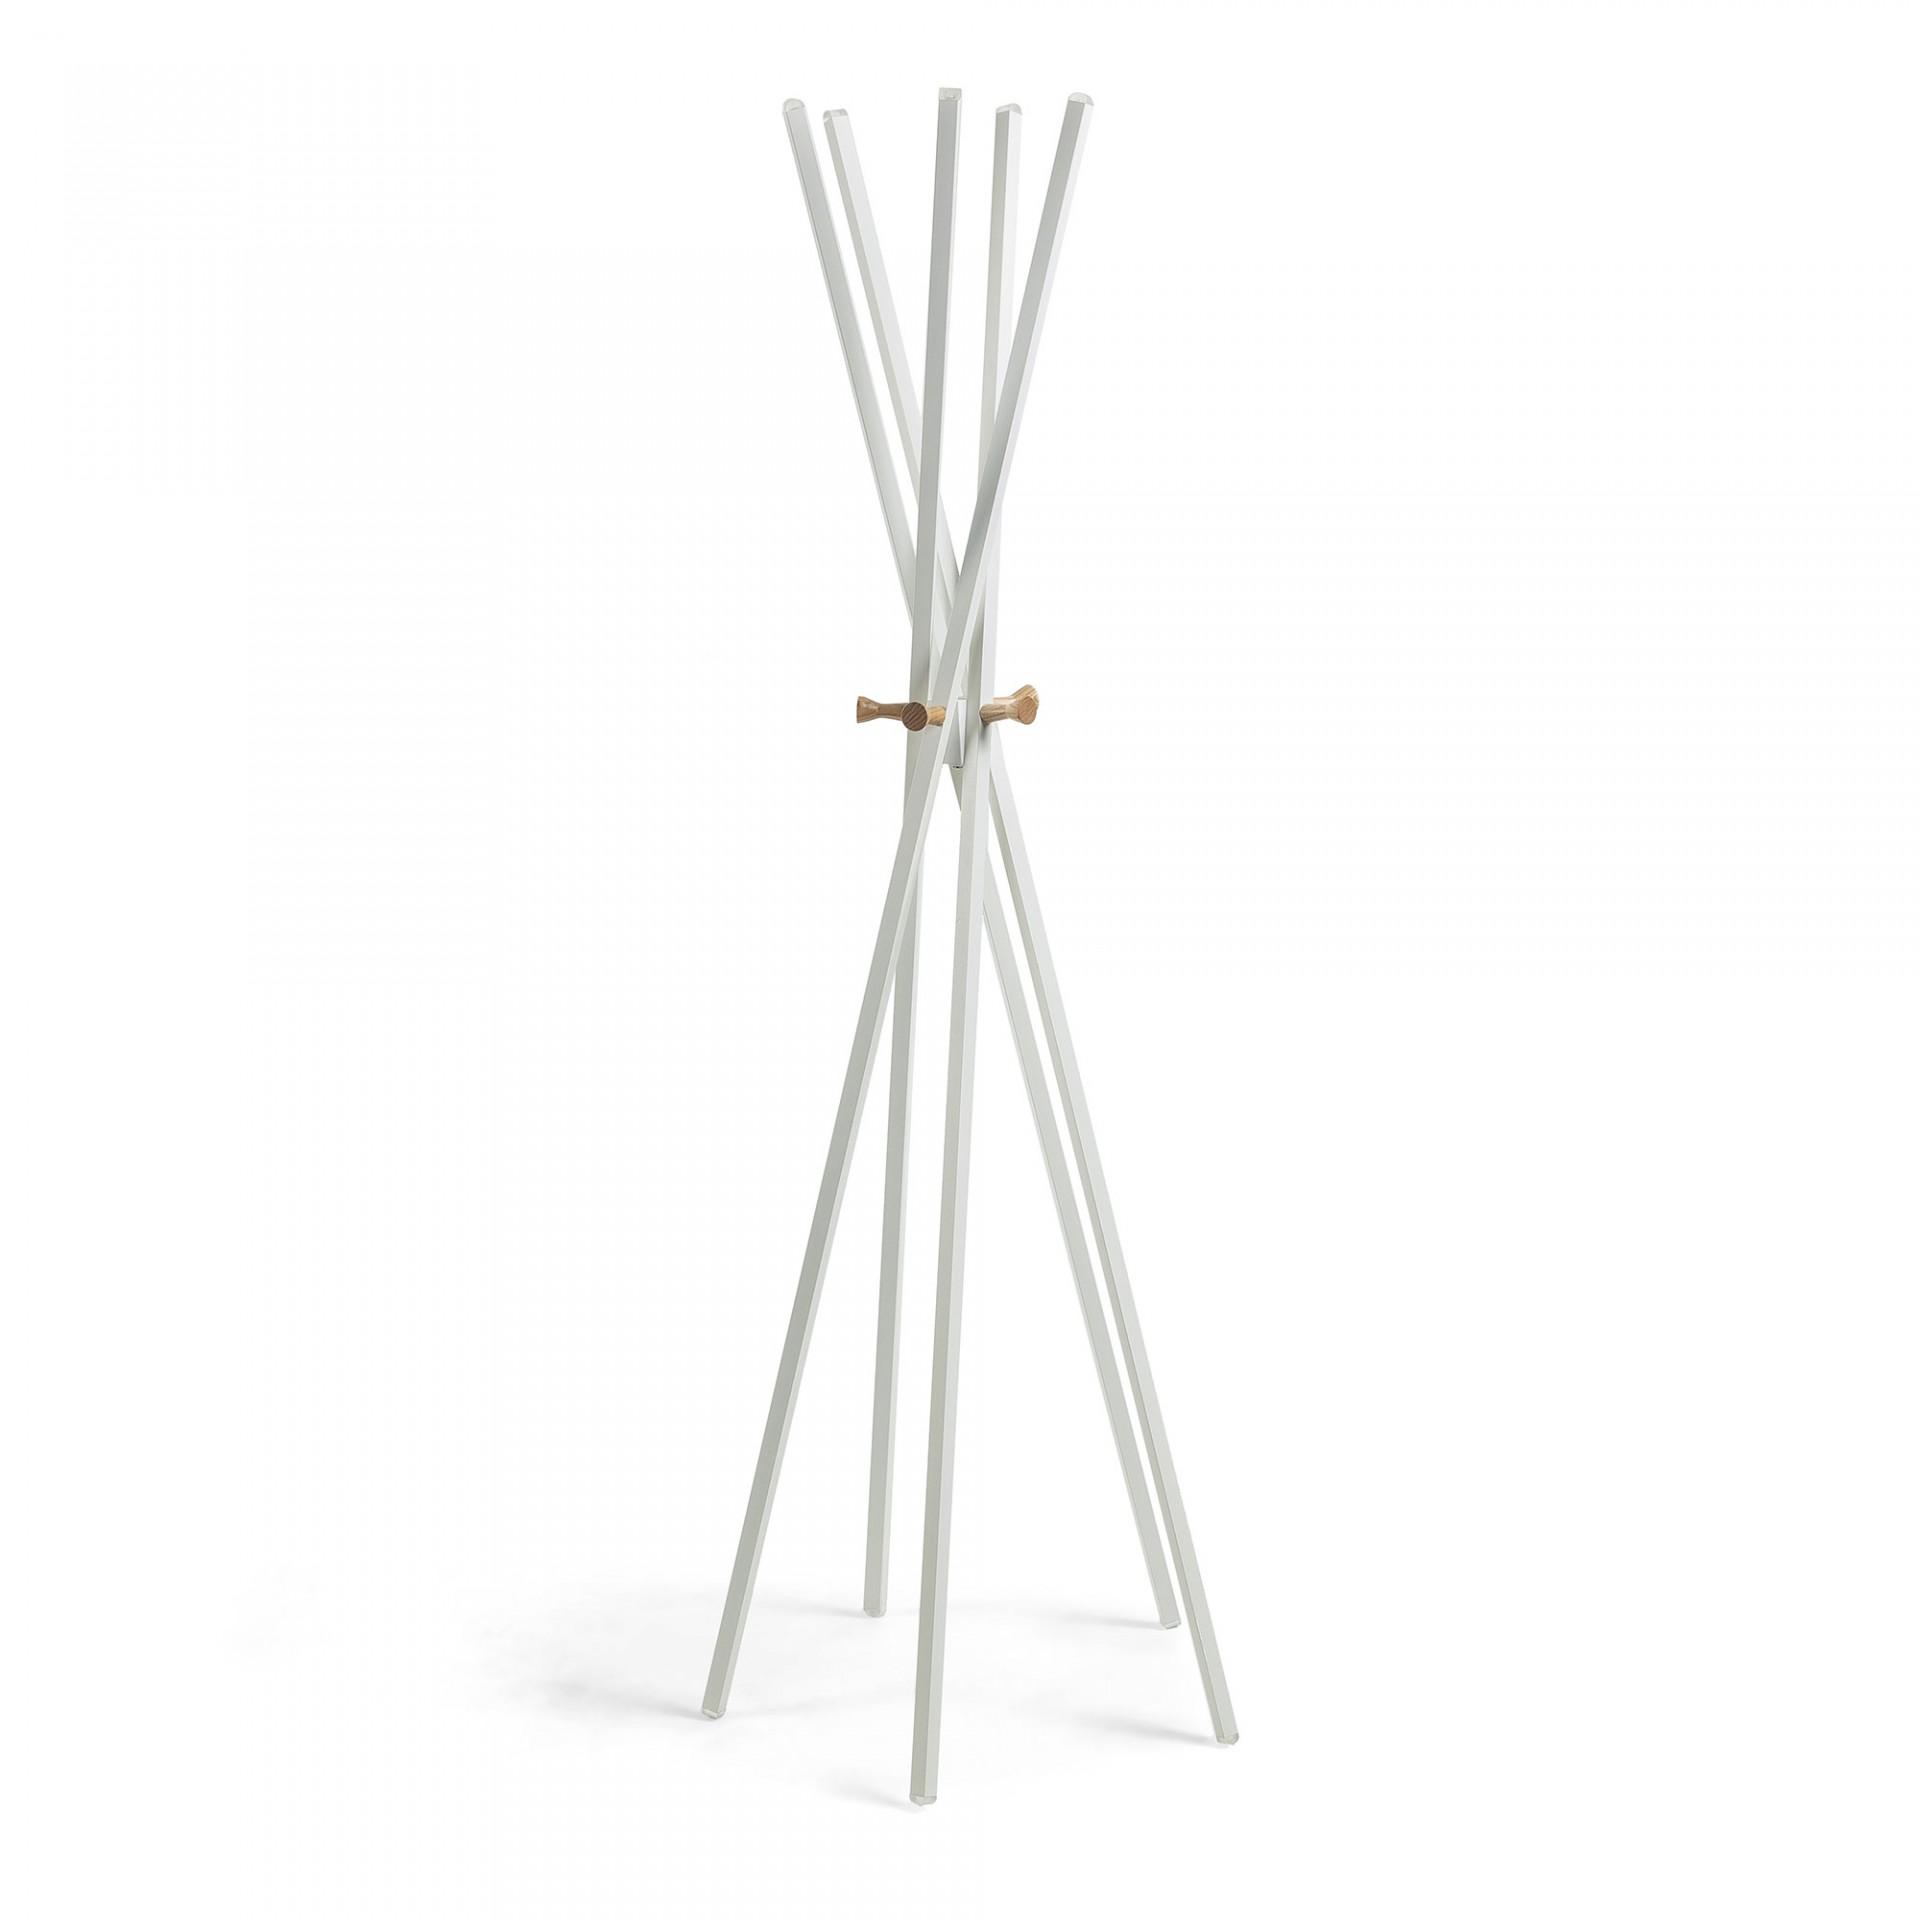 Cabide de pé em metal/madeira, 60x170 cm